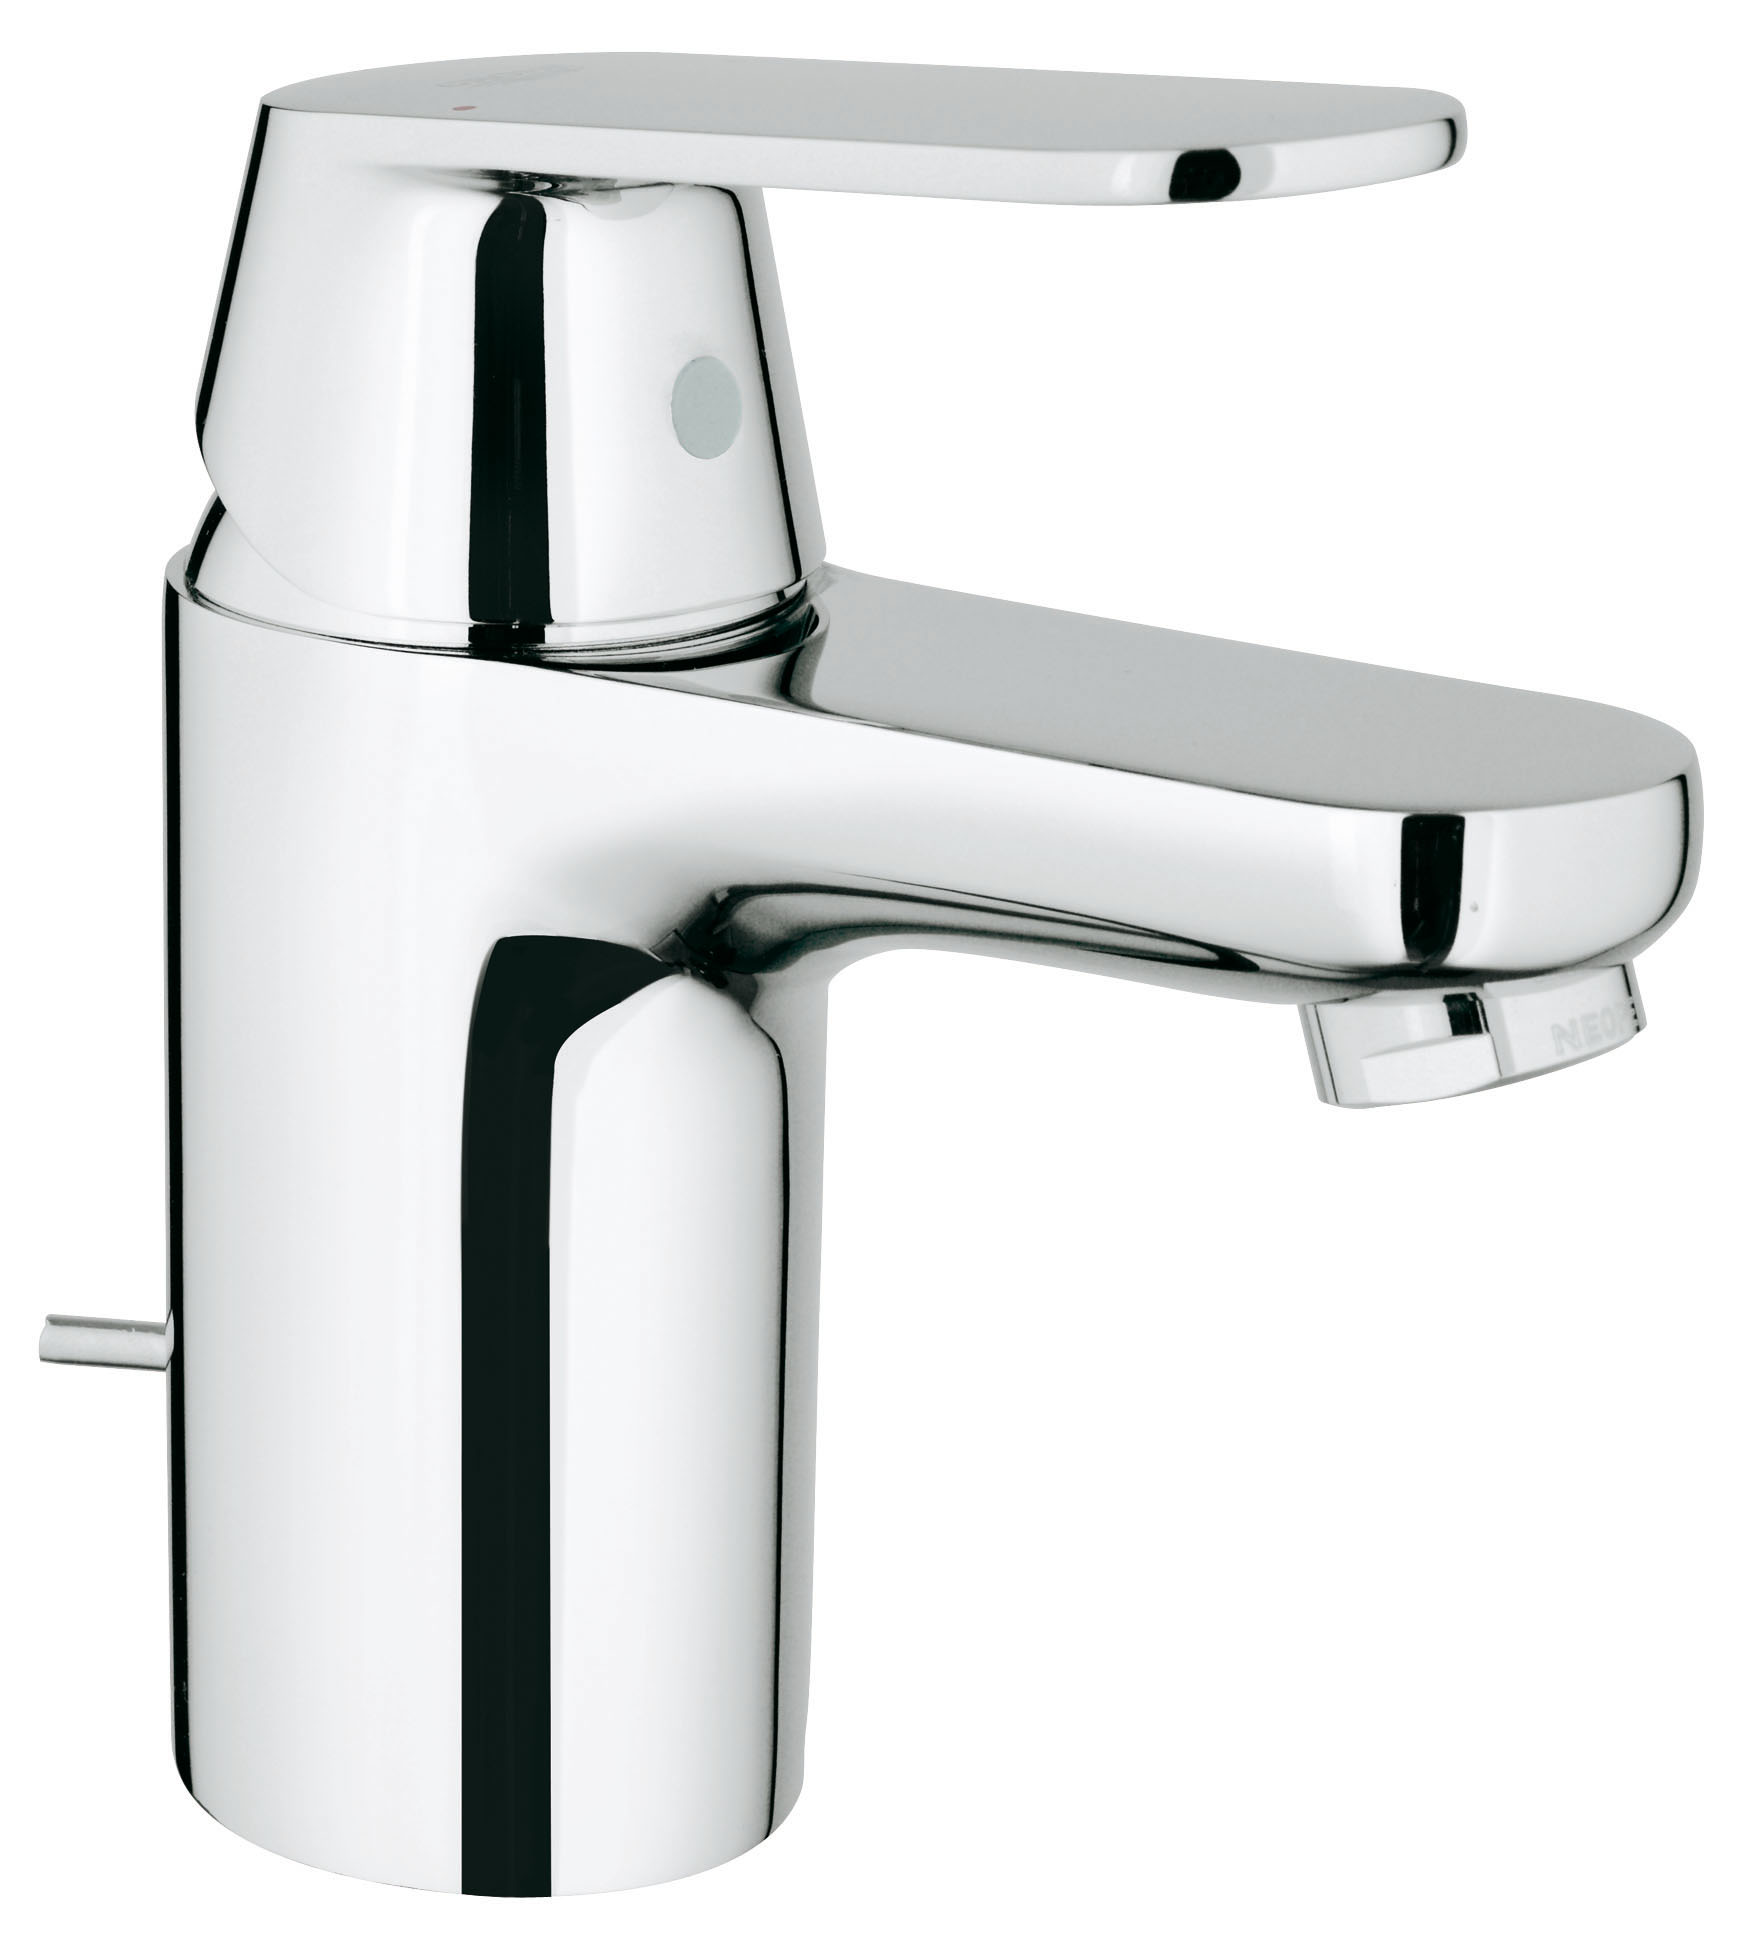 Смеситель для раковины GROHE Eurosmart Cosmopolitan с донным клапаном (3282500E)3282500EДолговечность и простота в уходе: смеситель для ванной комнаты Eurosmart Cosmopolitan совместим со всеми раковинами обычной конфигурации и идеально приспособлен для всех повседневных водных процедур. Применяемая в нем технология GROHE SilkMove обеспечит легкость управления температурой и напором воды, а об экономном расходе воды позаботится водосберегающий механизм.Особенностимонтаж на одно отверстие металлический рычаг GROHE EcoJoy Технология совершенного потока при уменьшенном расходе водыGROHE SilkMove керамический картридж 35 мм GROHE StarLight хромированная поверхность регулировка расхода воды возможность установки мин. расхода 2,5 л/мин GROHE EcoJoy SpeedClean аэратор с ограничением расхода воды 5,7 л/мин сливной гарнитур 1 1/4? гибкая подводка GROHE QuickFixTM быстрая монтажная система ограничитель температуры класс шума I по DIN 4109 Видео по установке является исключительно информационным. Установка должна проводиться профессионалами!